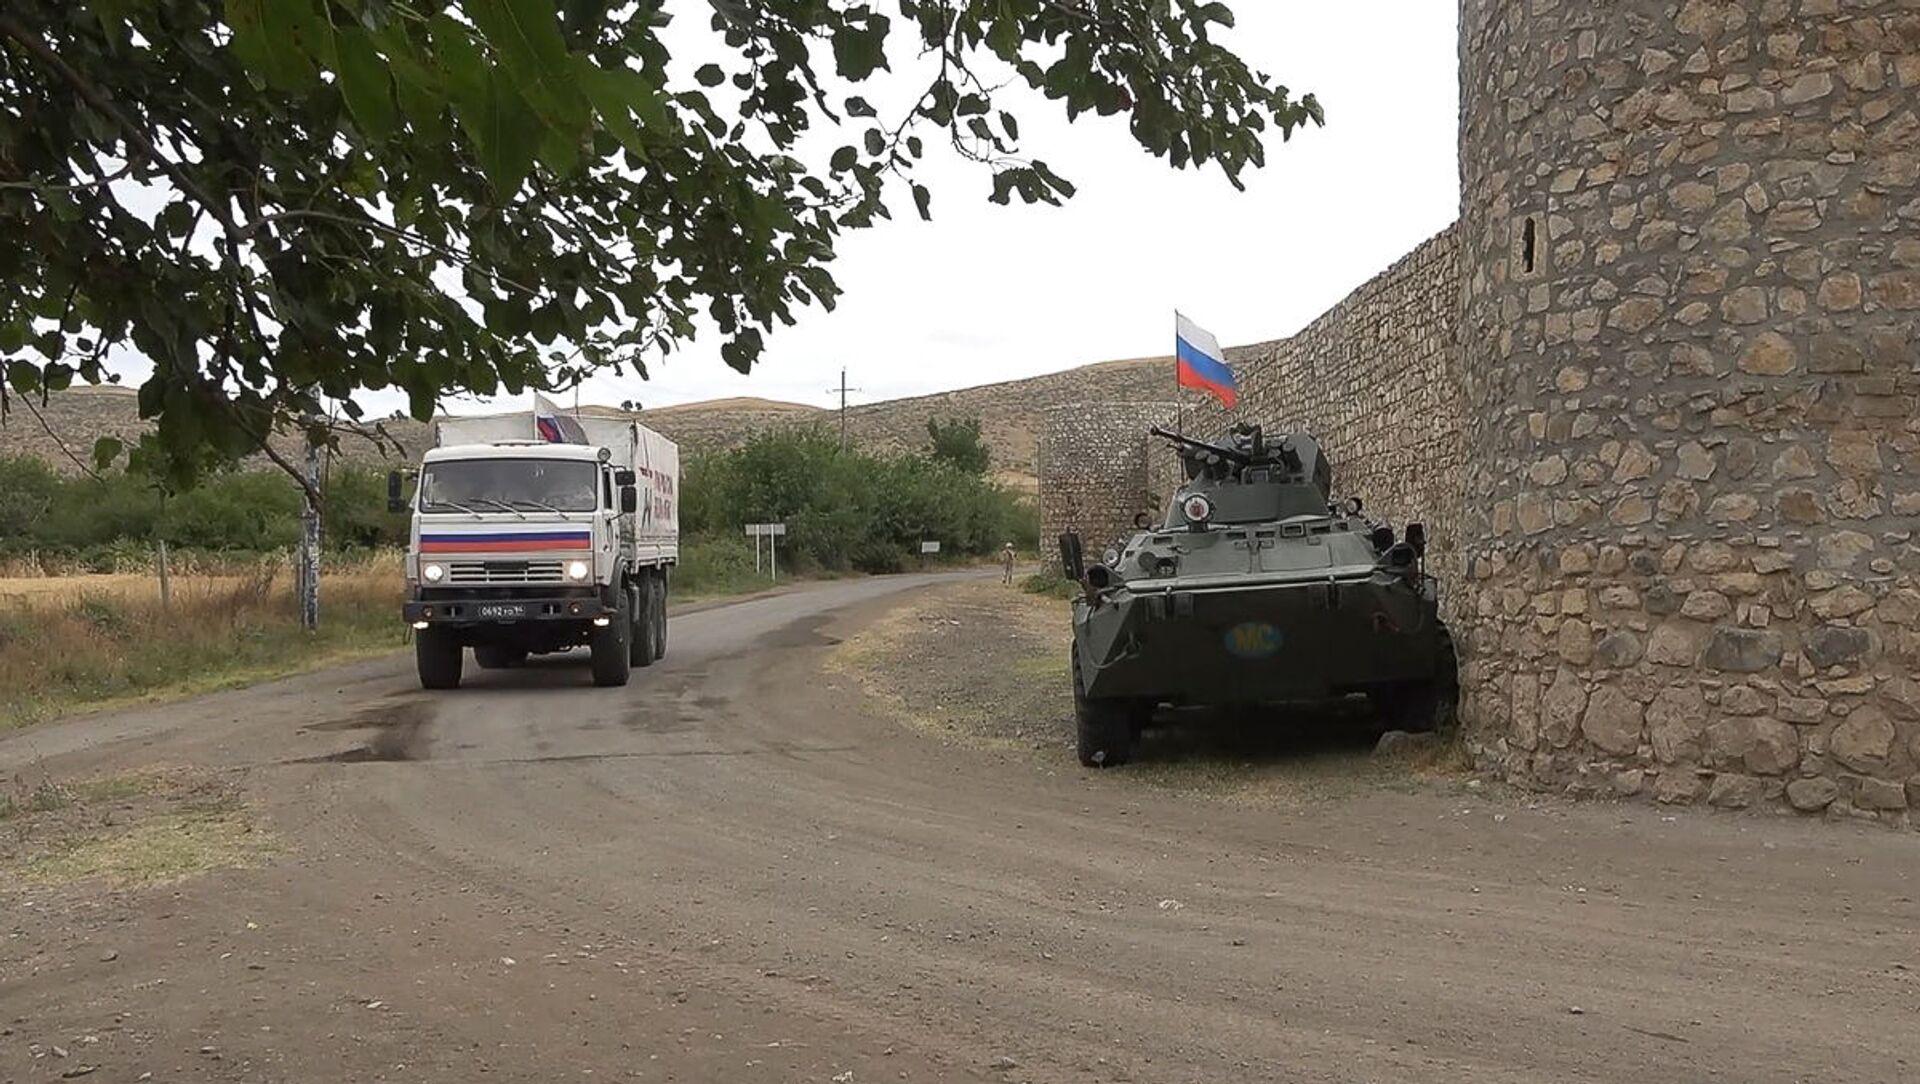 Российские миротворцы сопроводили более тысячи паломников и жителей Карабаха при посещении монастырского комплекса Амарас - Sputnik Արմենիա, 1920, 24.08.2021